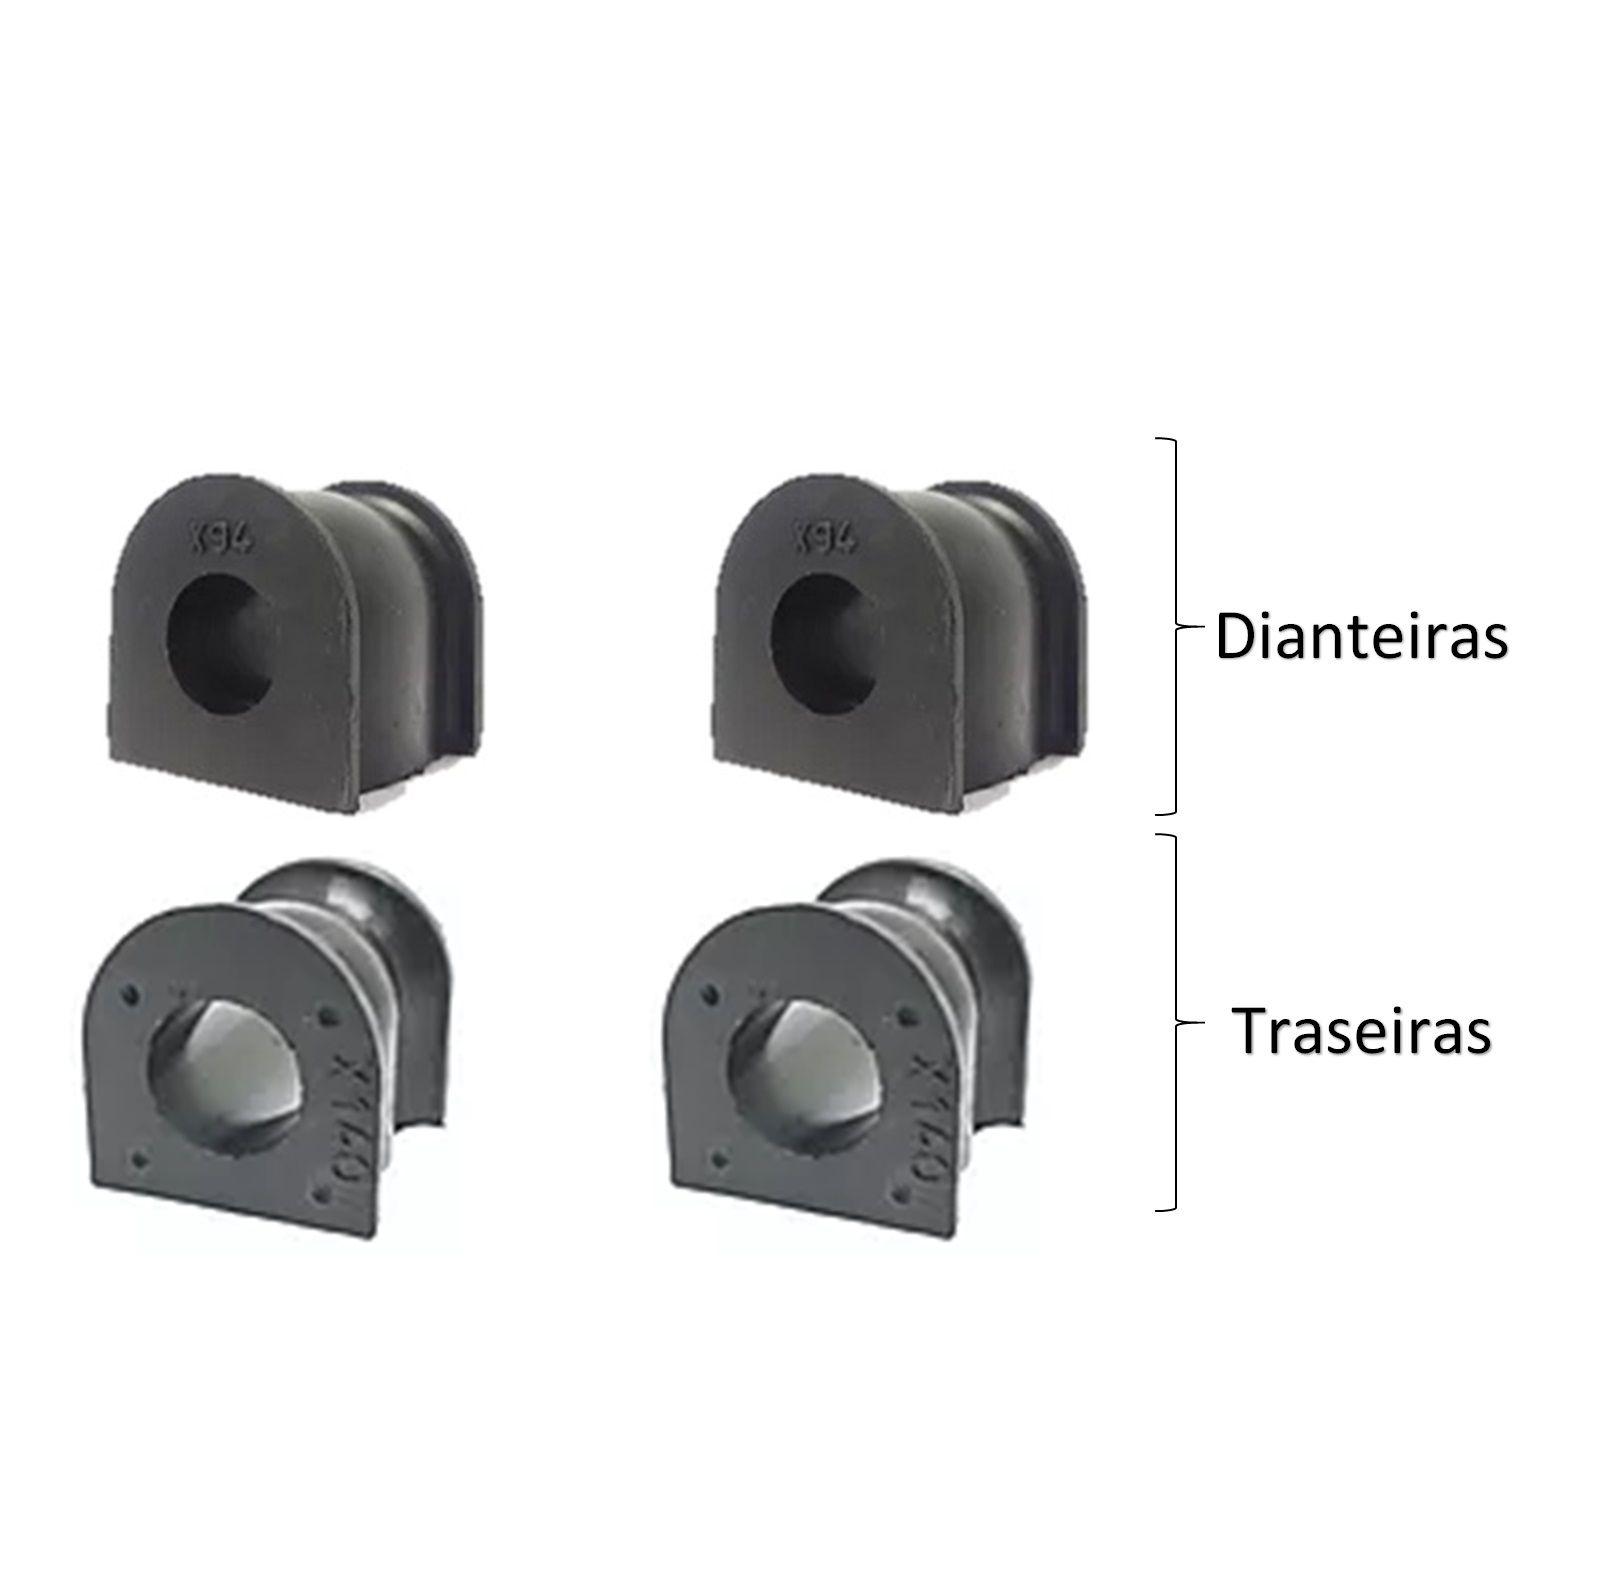 Kit Bucha Estabilizadora Dianteira Traseira CRV 2007 2012